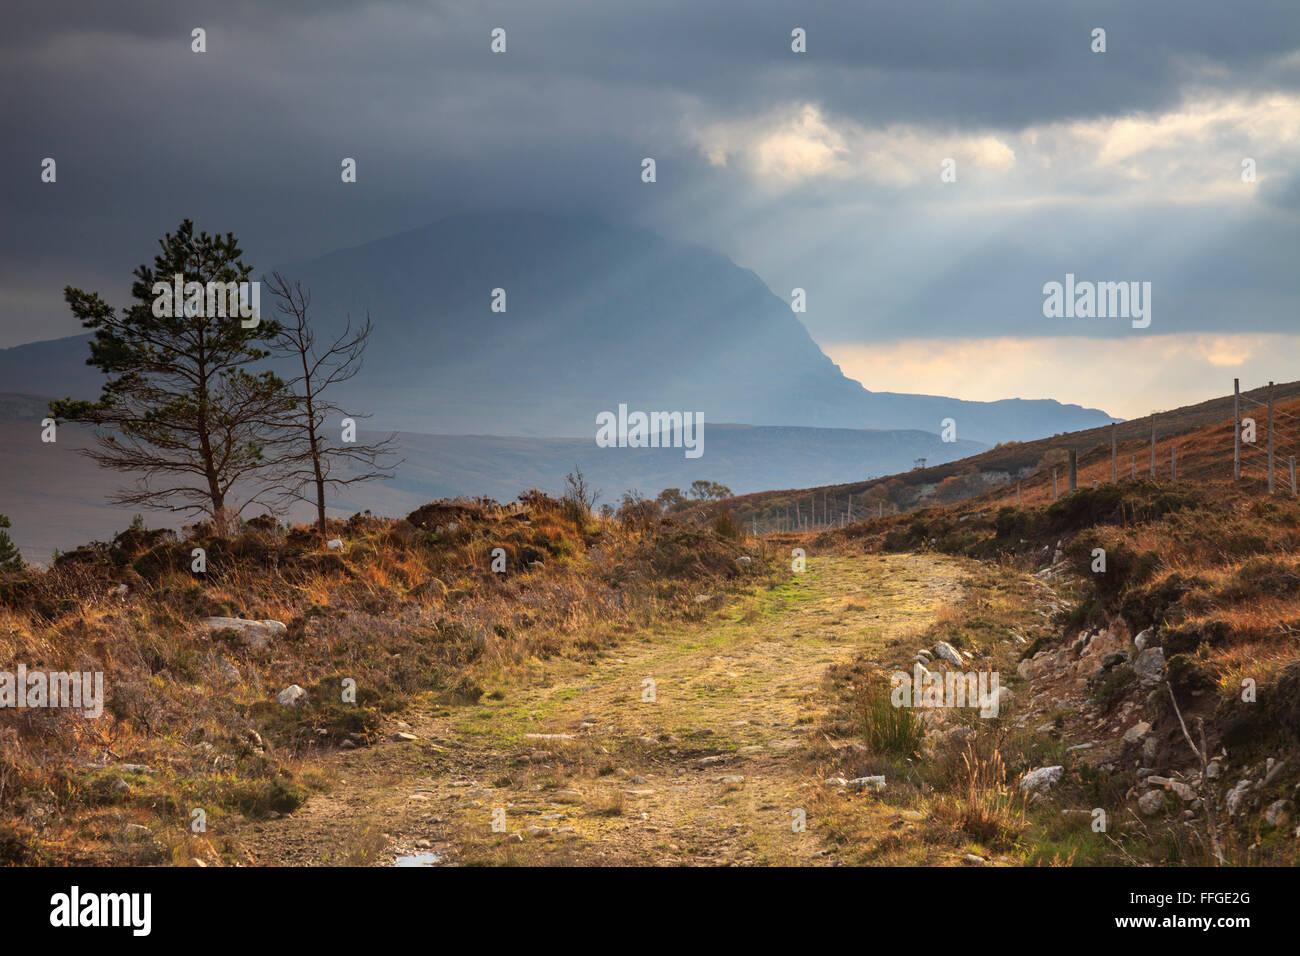 Ben esperanza capturados desde la acera en el lado occidental del lago Esperanza, capturado en una atmósfera de Foto de stock